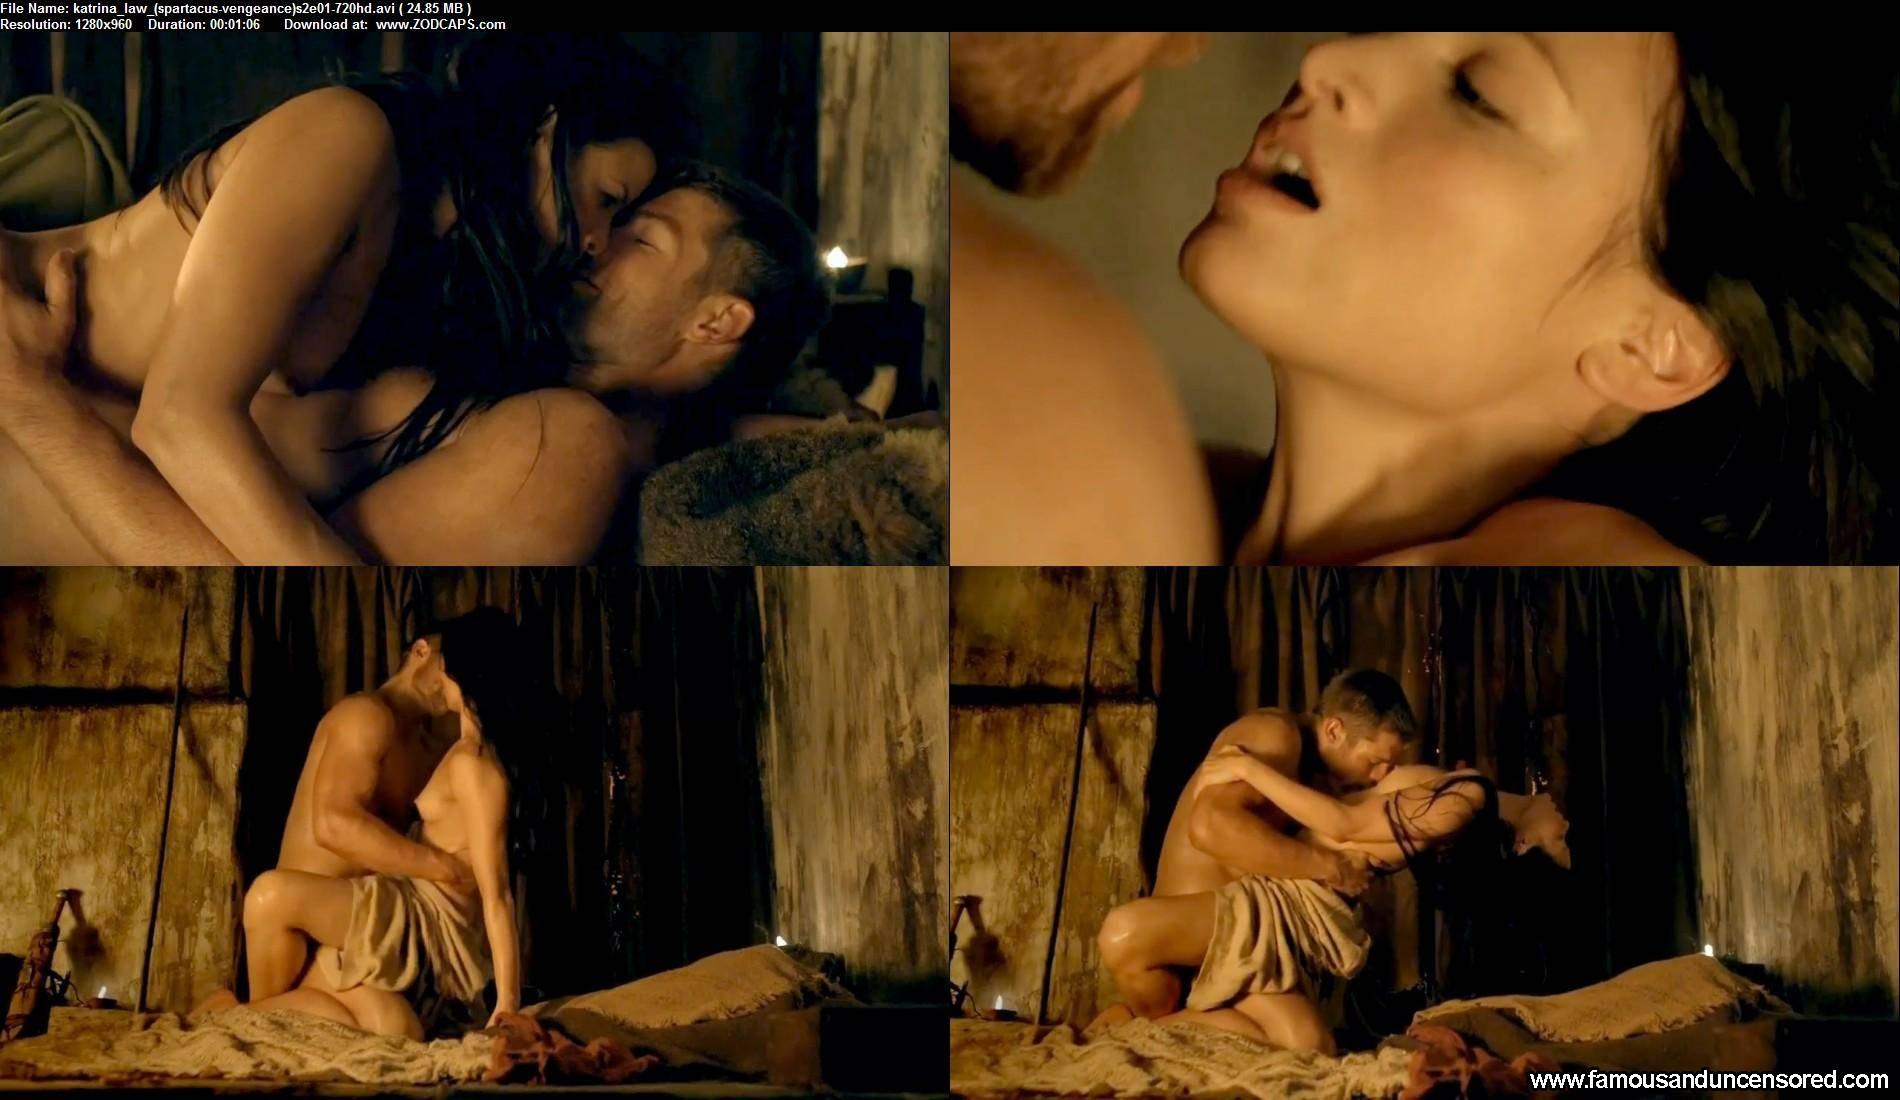 Spartacus vengeance hot scene